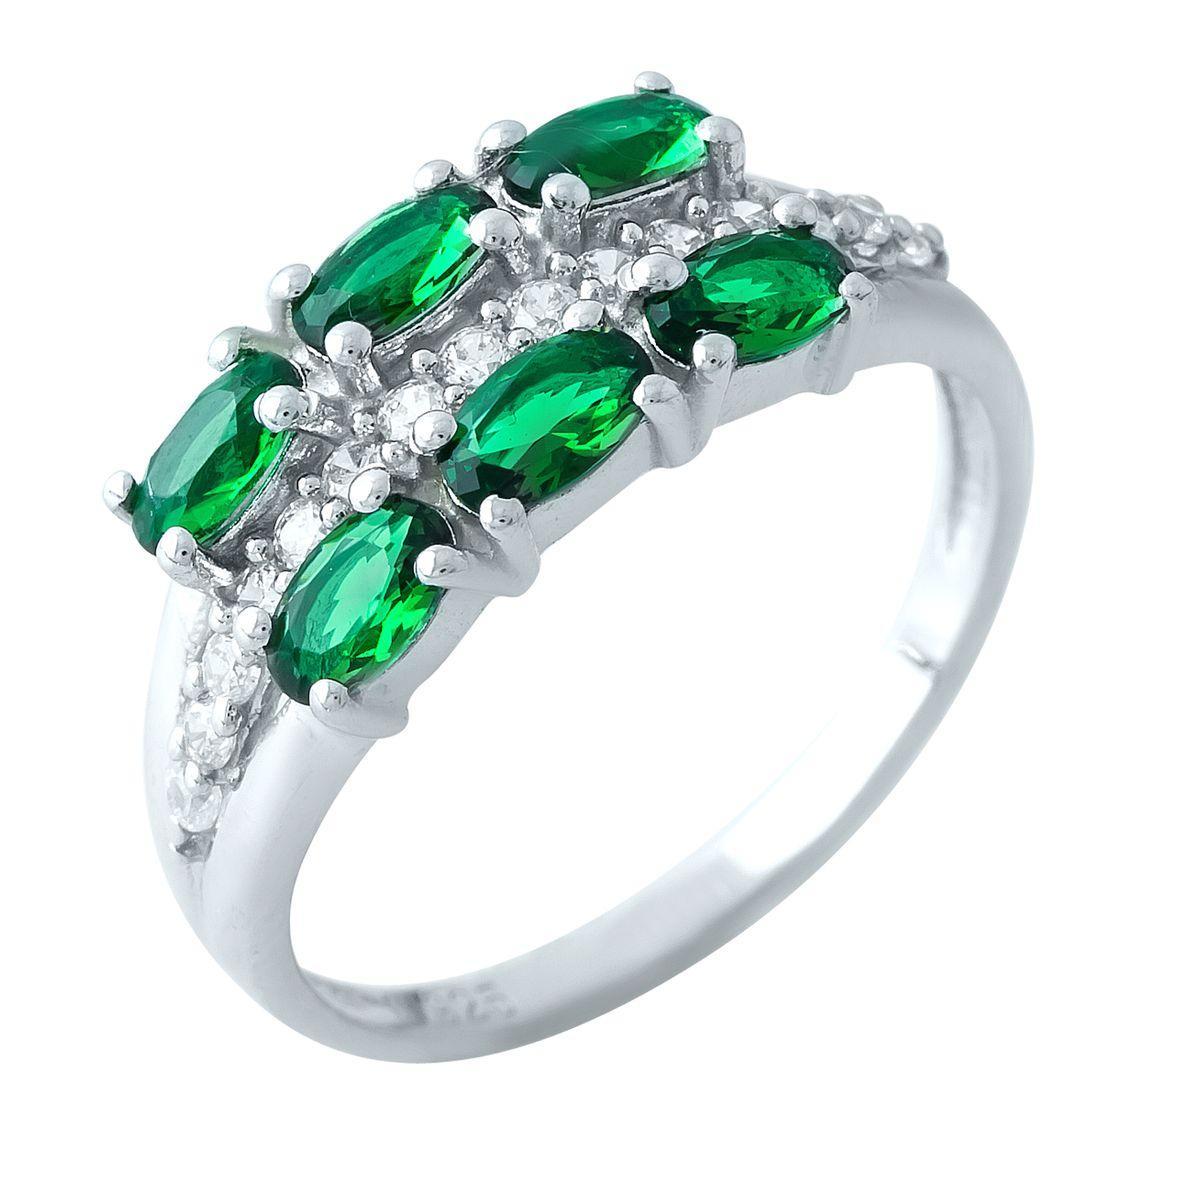 Серебряное кольцо DreamJewelry с изумрудом nano (1966488) 18 размер